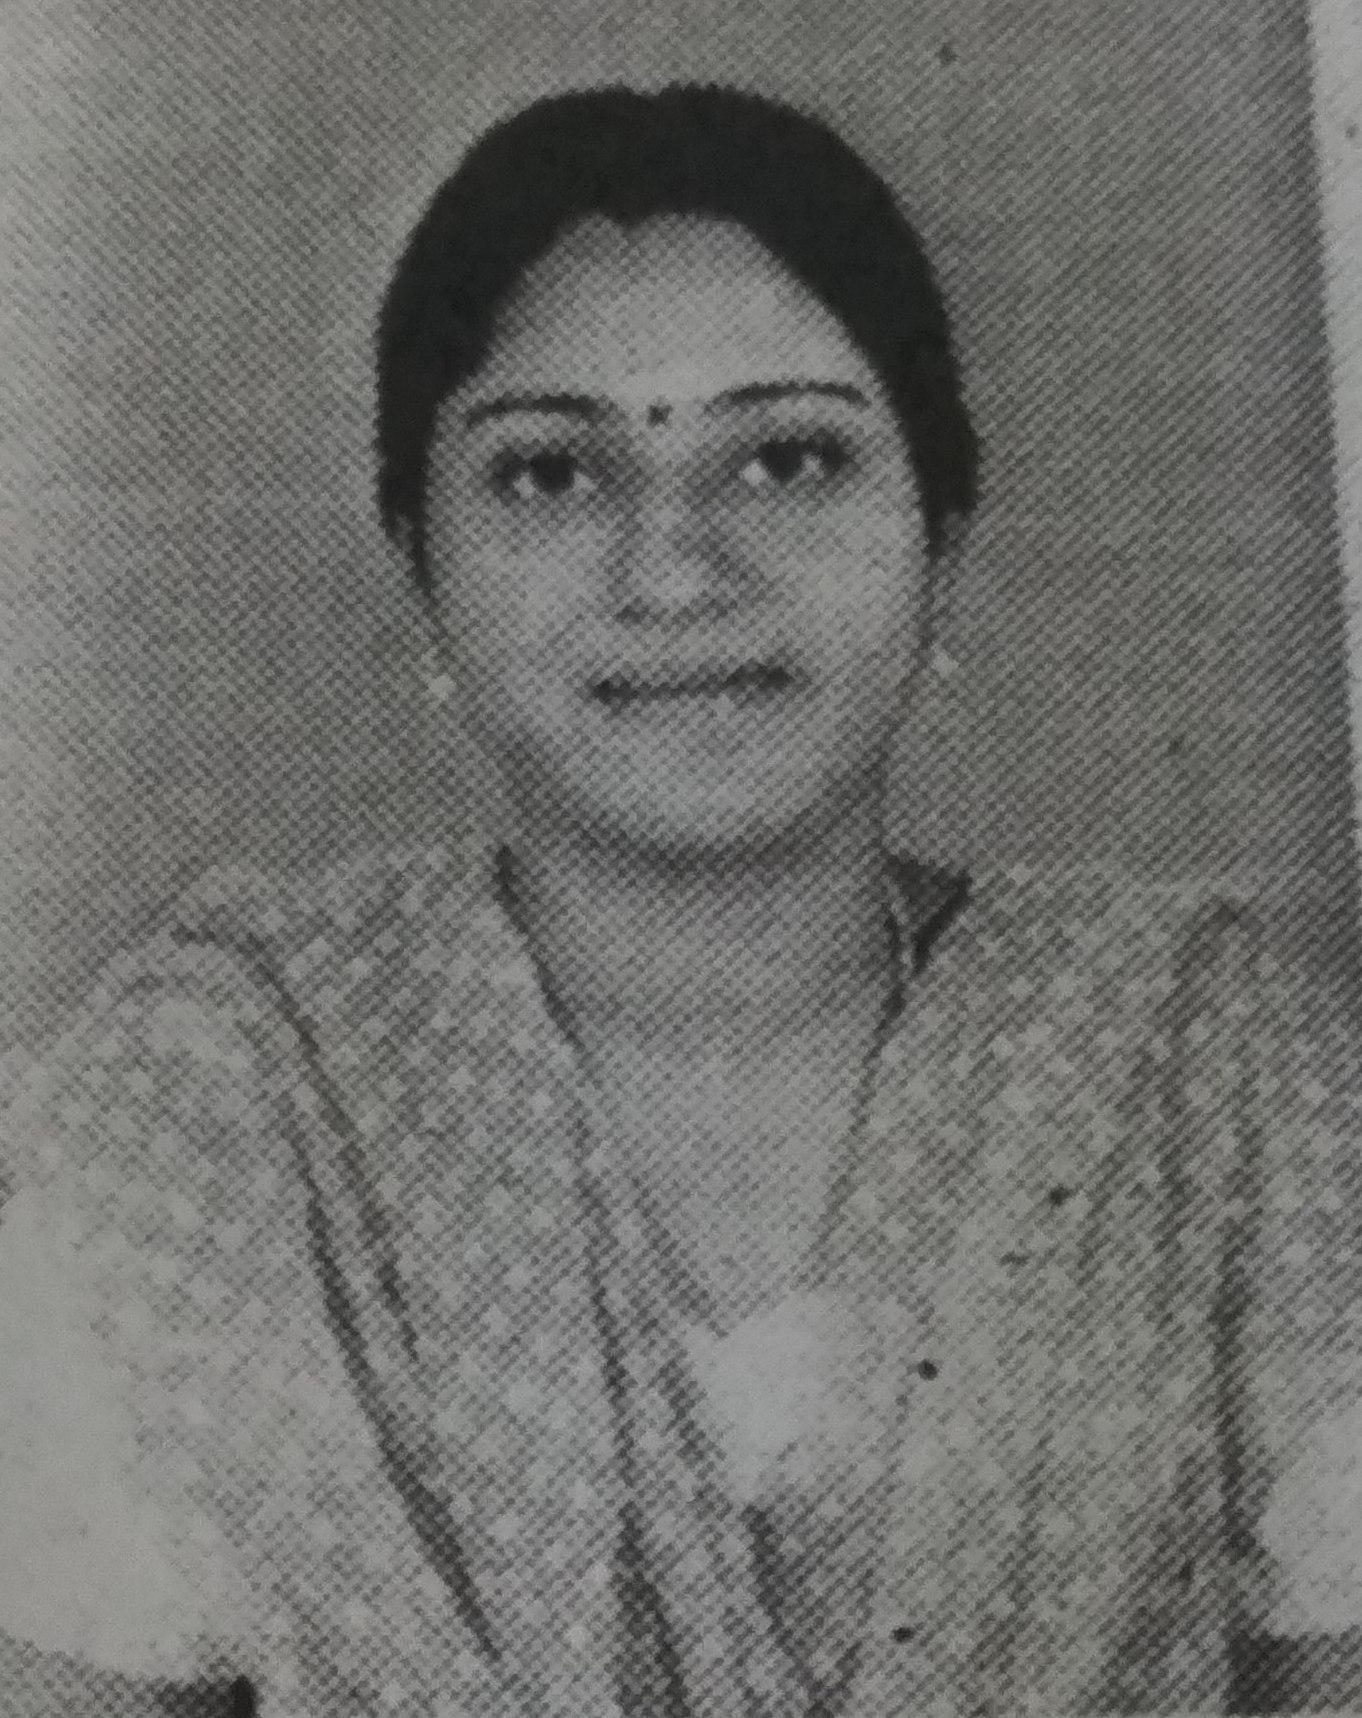 Premalatha Rajesh Kannah